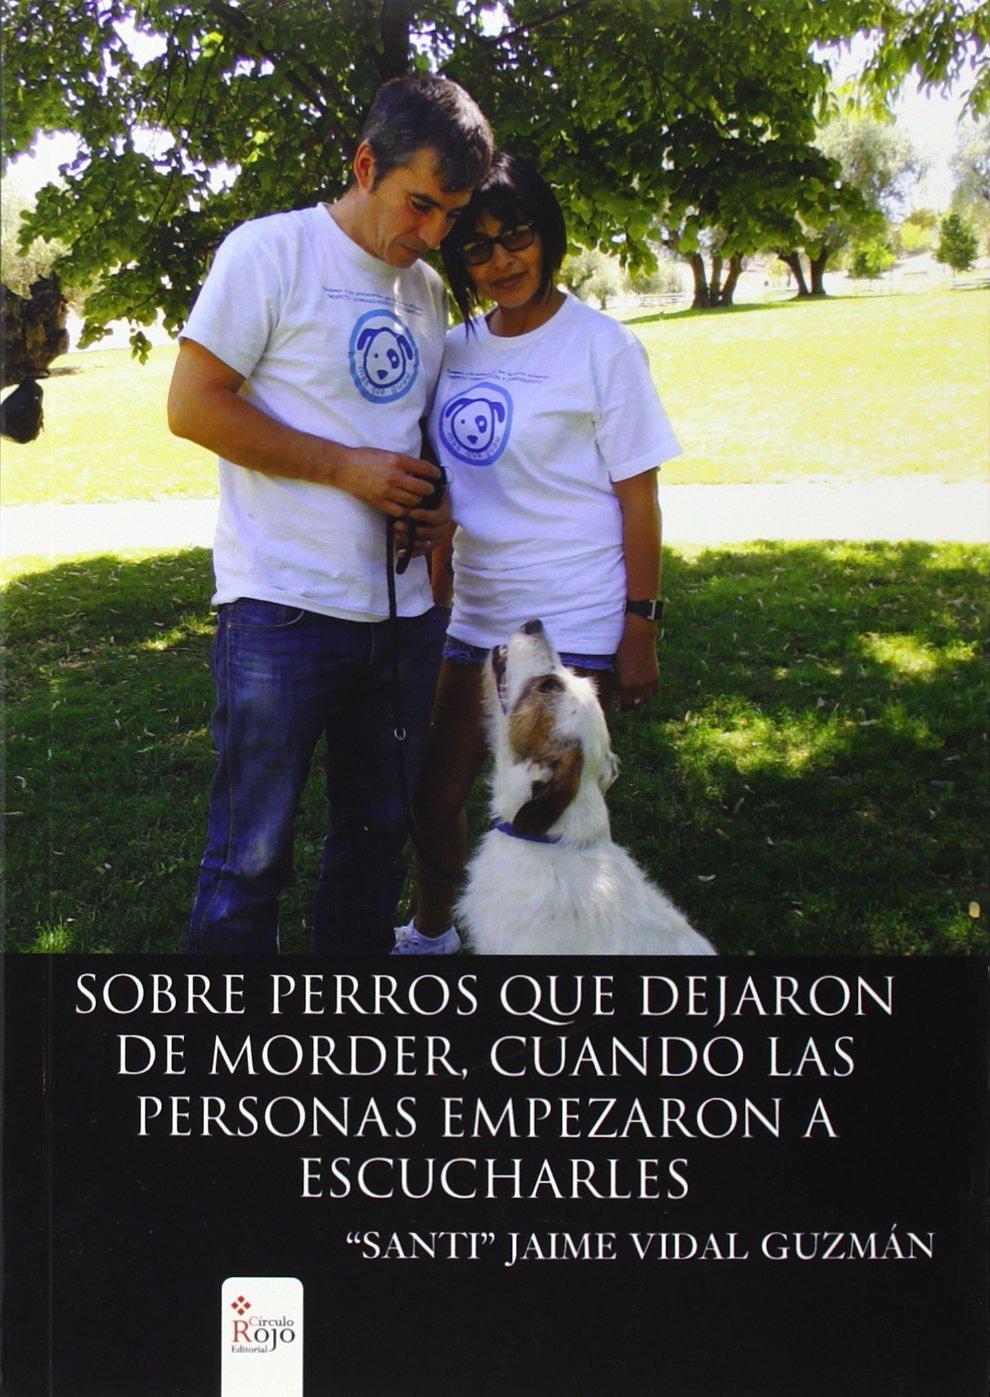 Sobre perros que dejaron de morder, cuando las personas empezaron a escucharles de Jaime Vidal Gúzman 5 ago 2014 Tapa blanda: Amazon.es: Libros